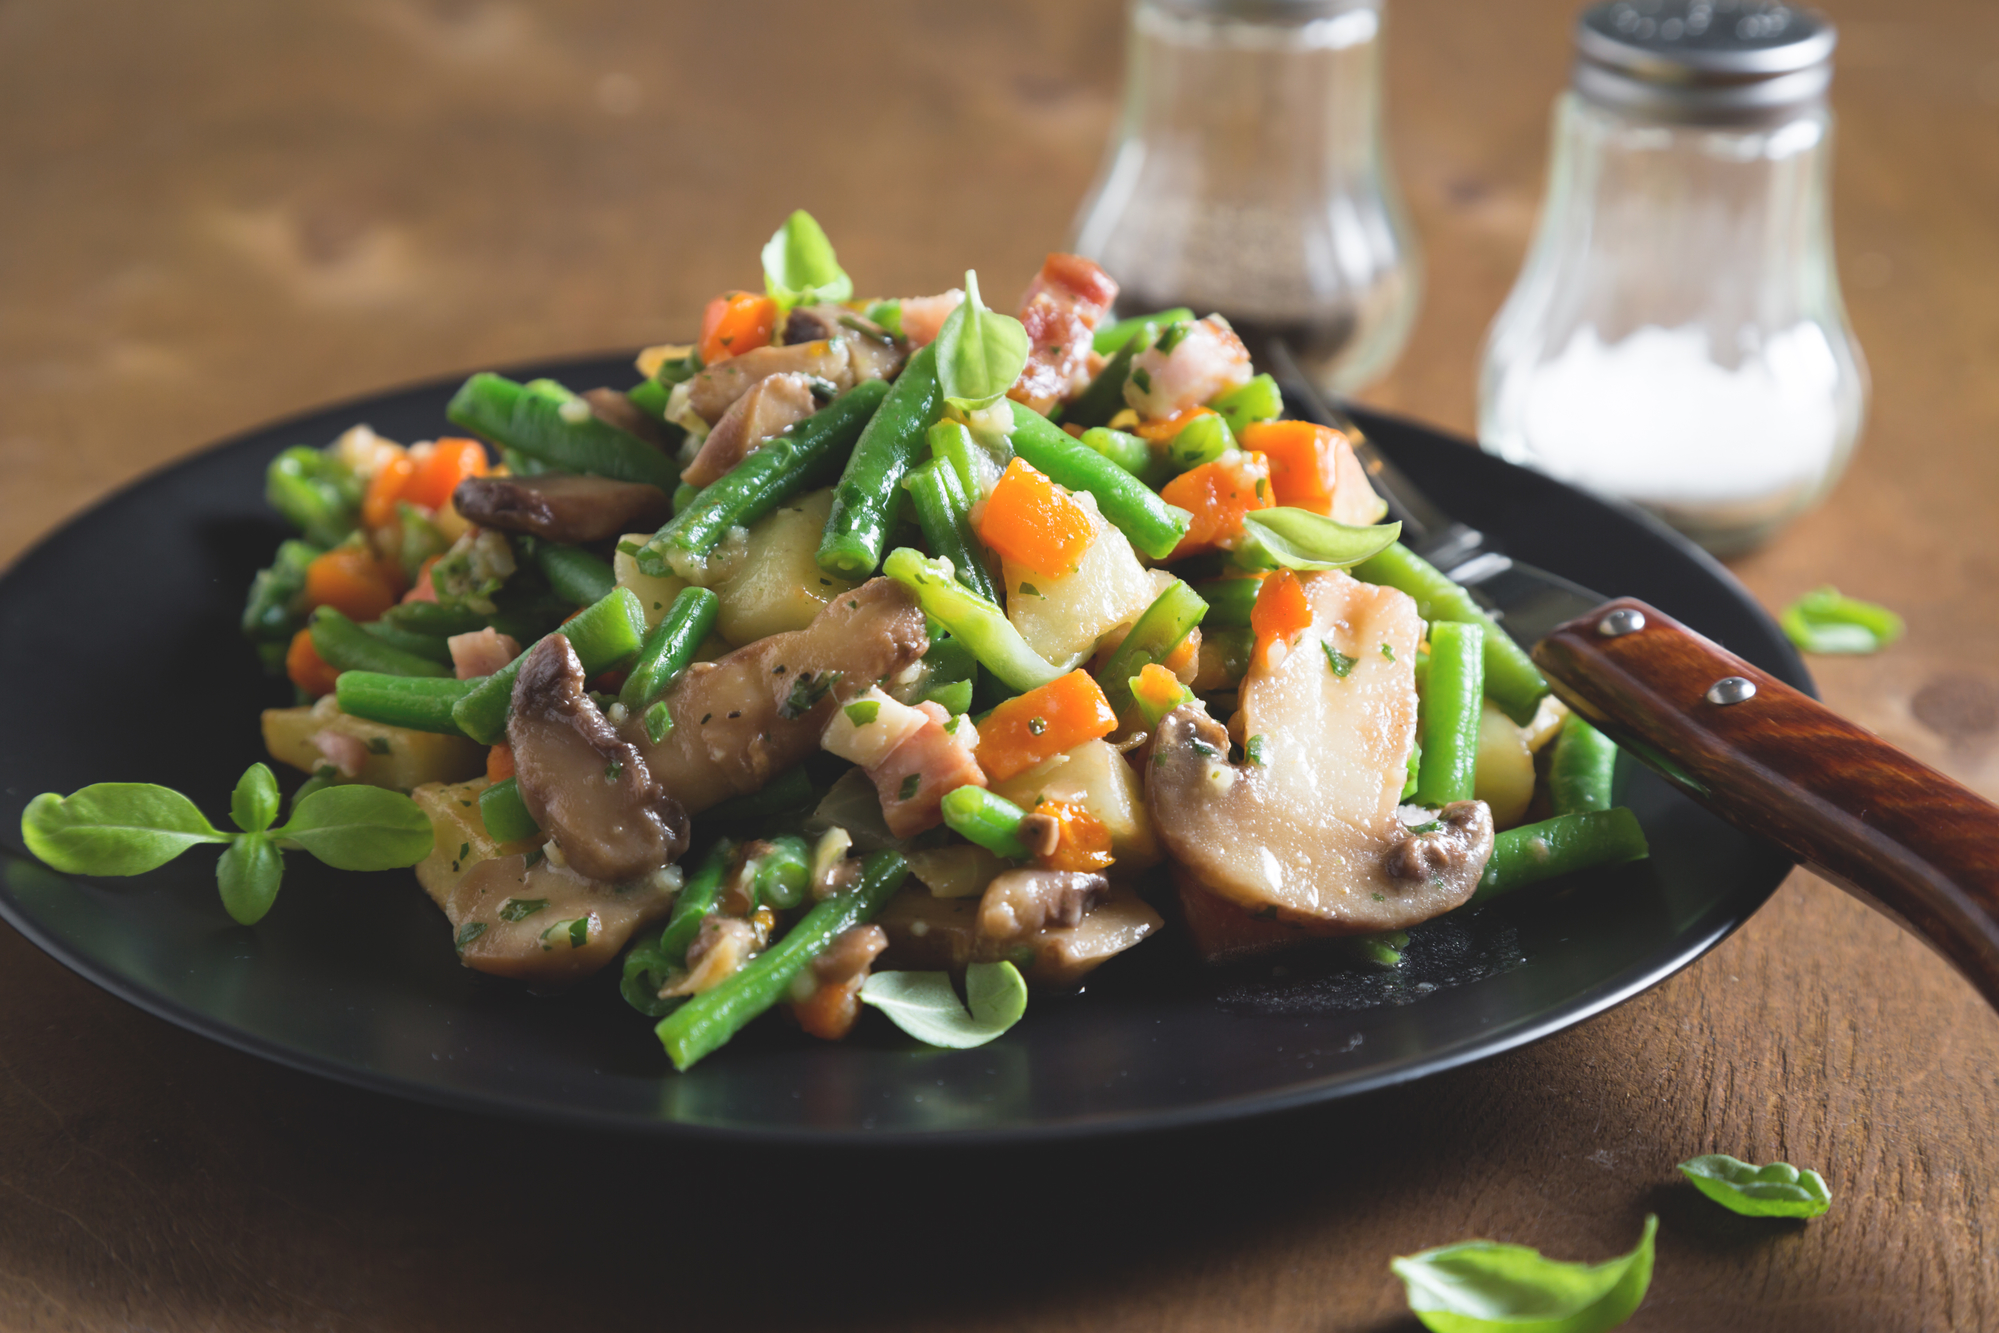 Диетическое меню: грибное рагу с овощами